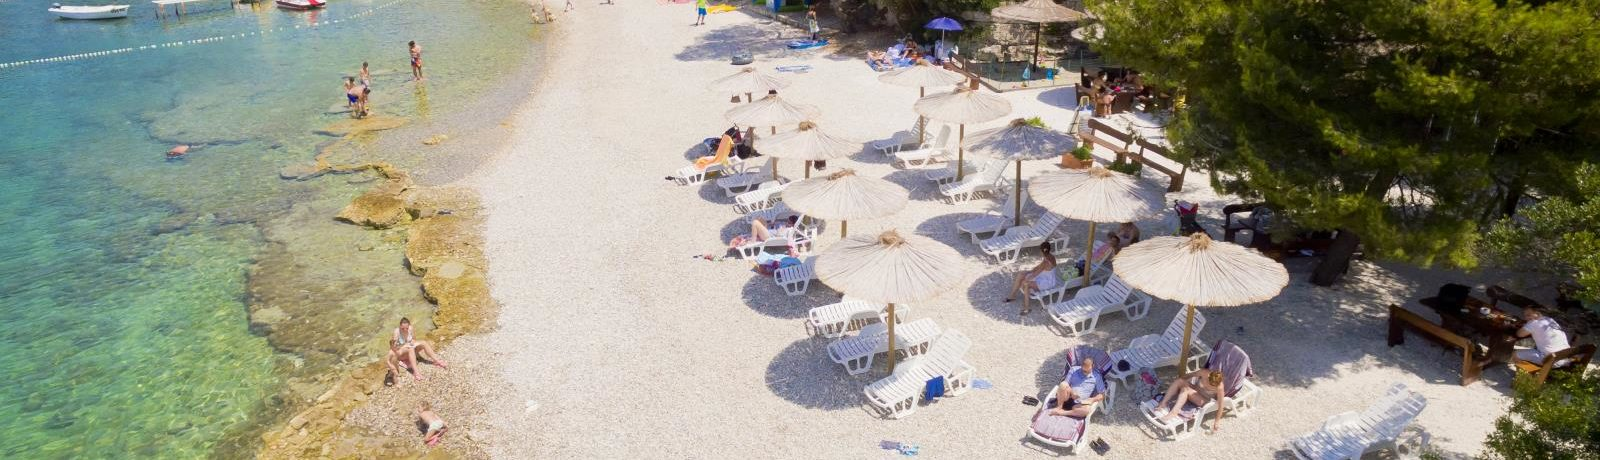 Camping Brioni in Pula is een mooie gezinscamping direct aan het strand van de Adriatische kust in Istrië in Kroatië.